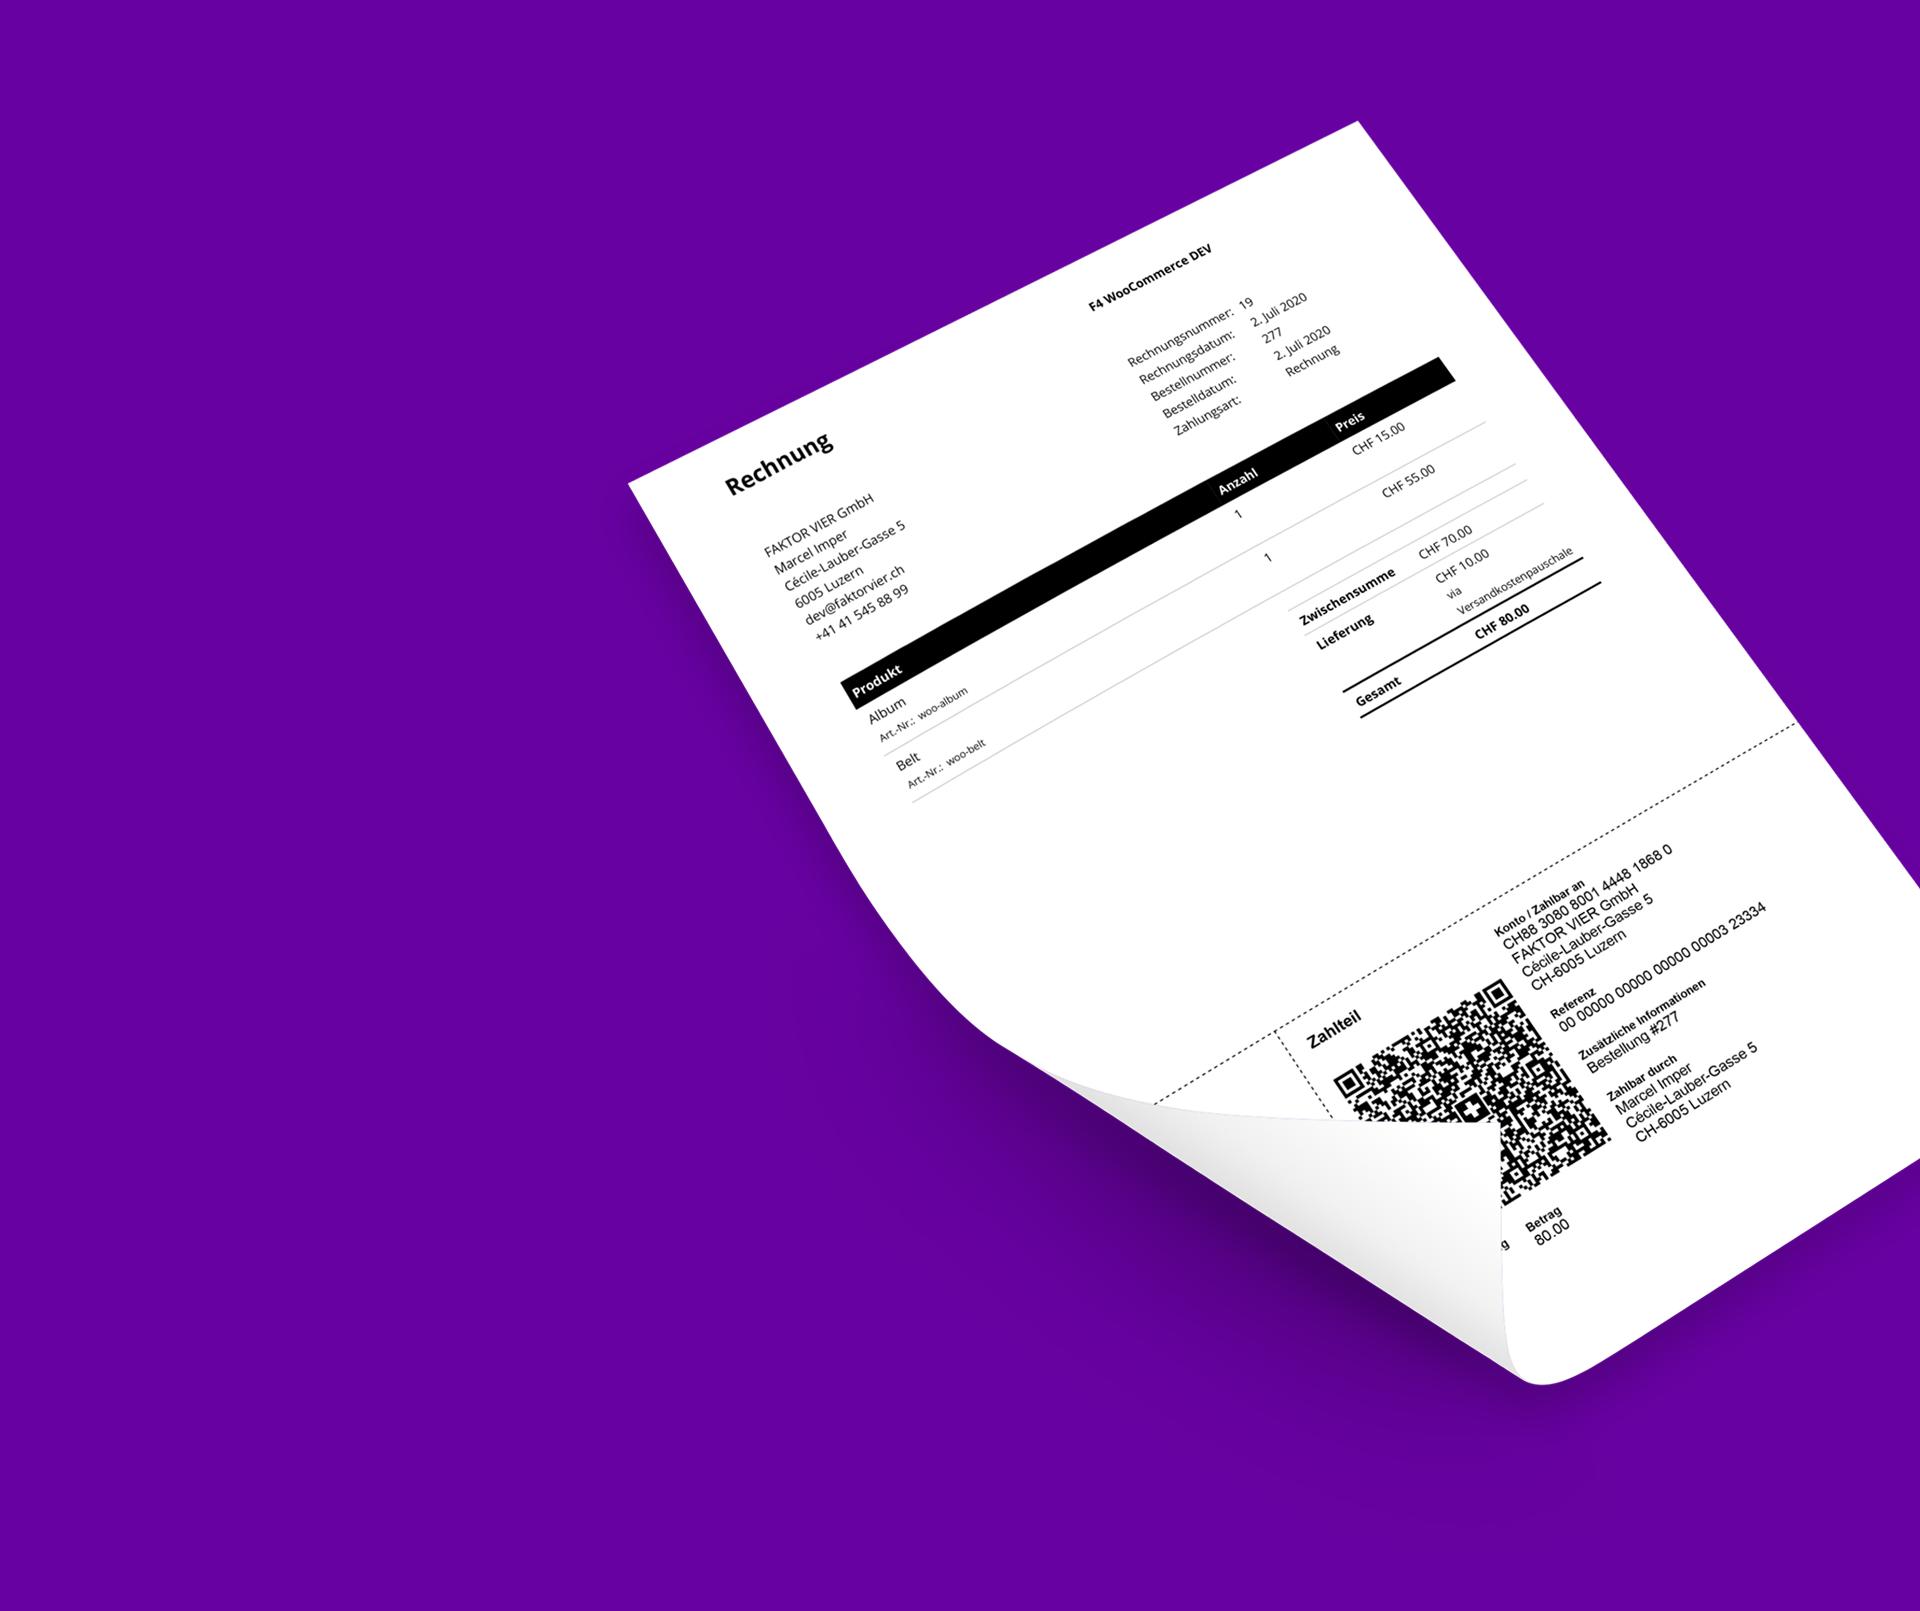 f4-qr-invoices-paper